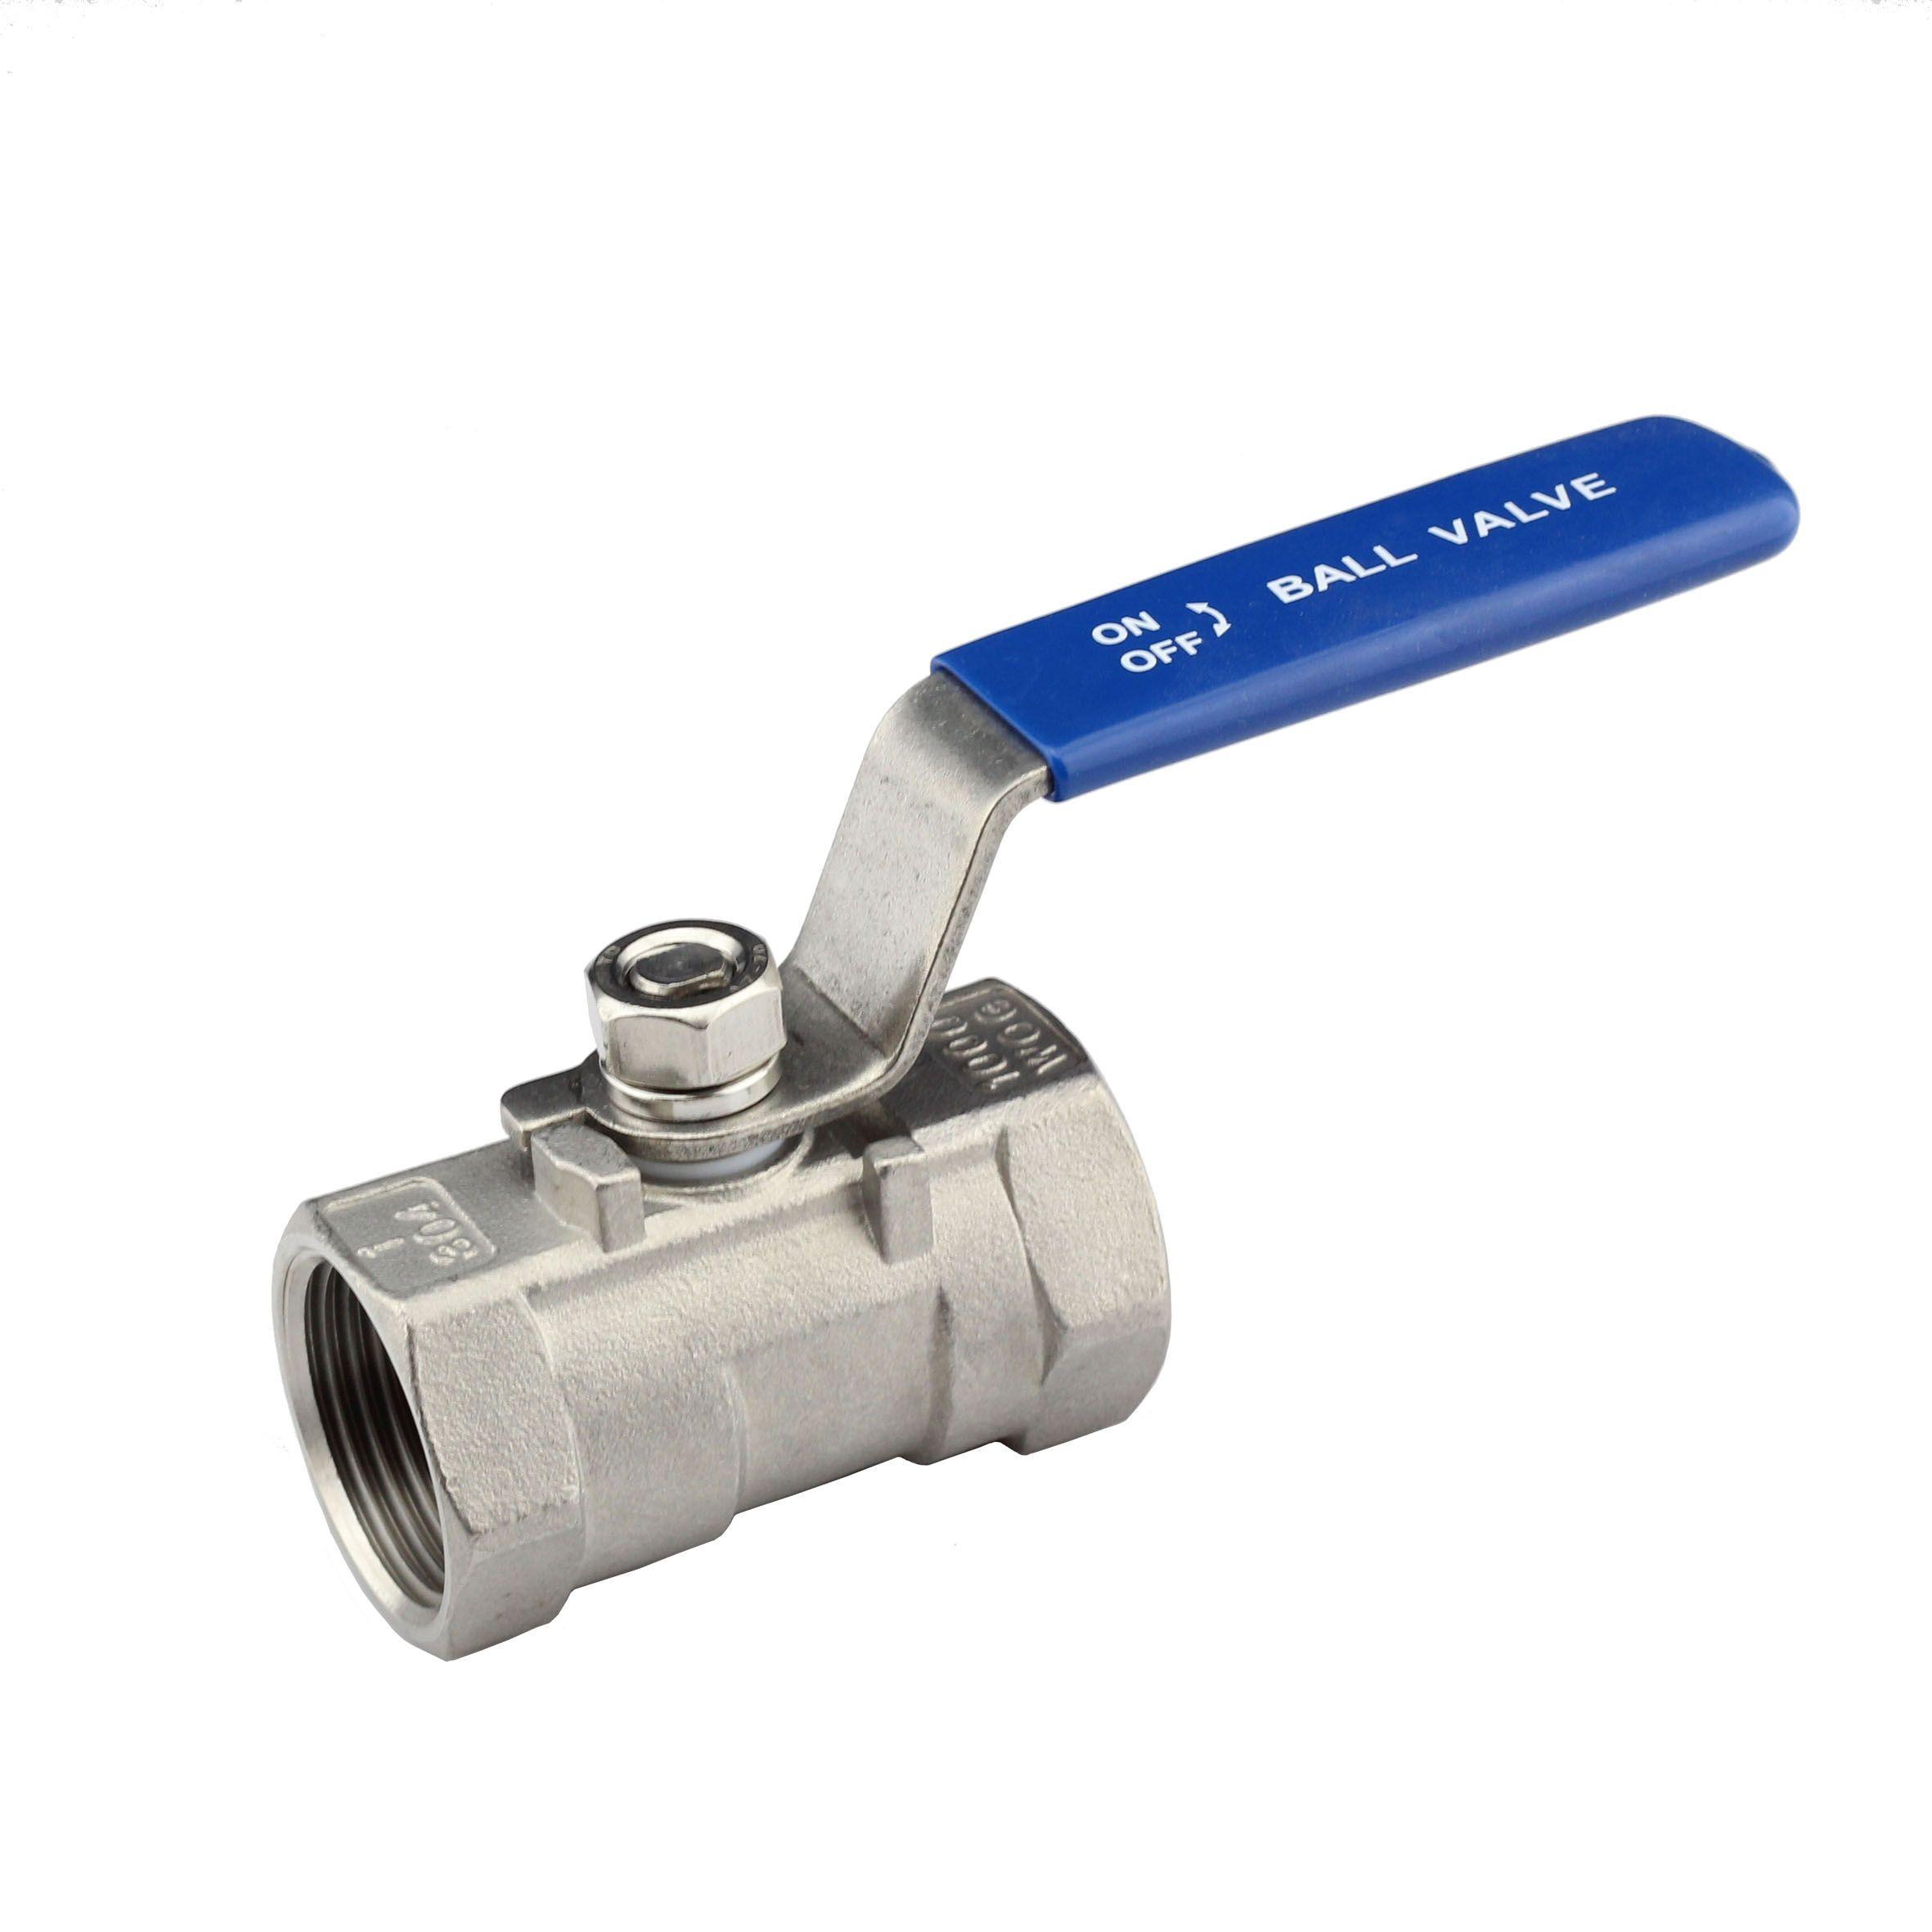 Stainless steel ball valves